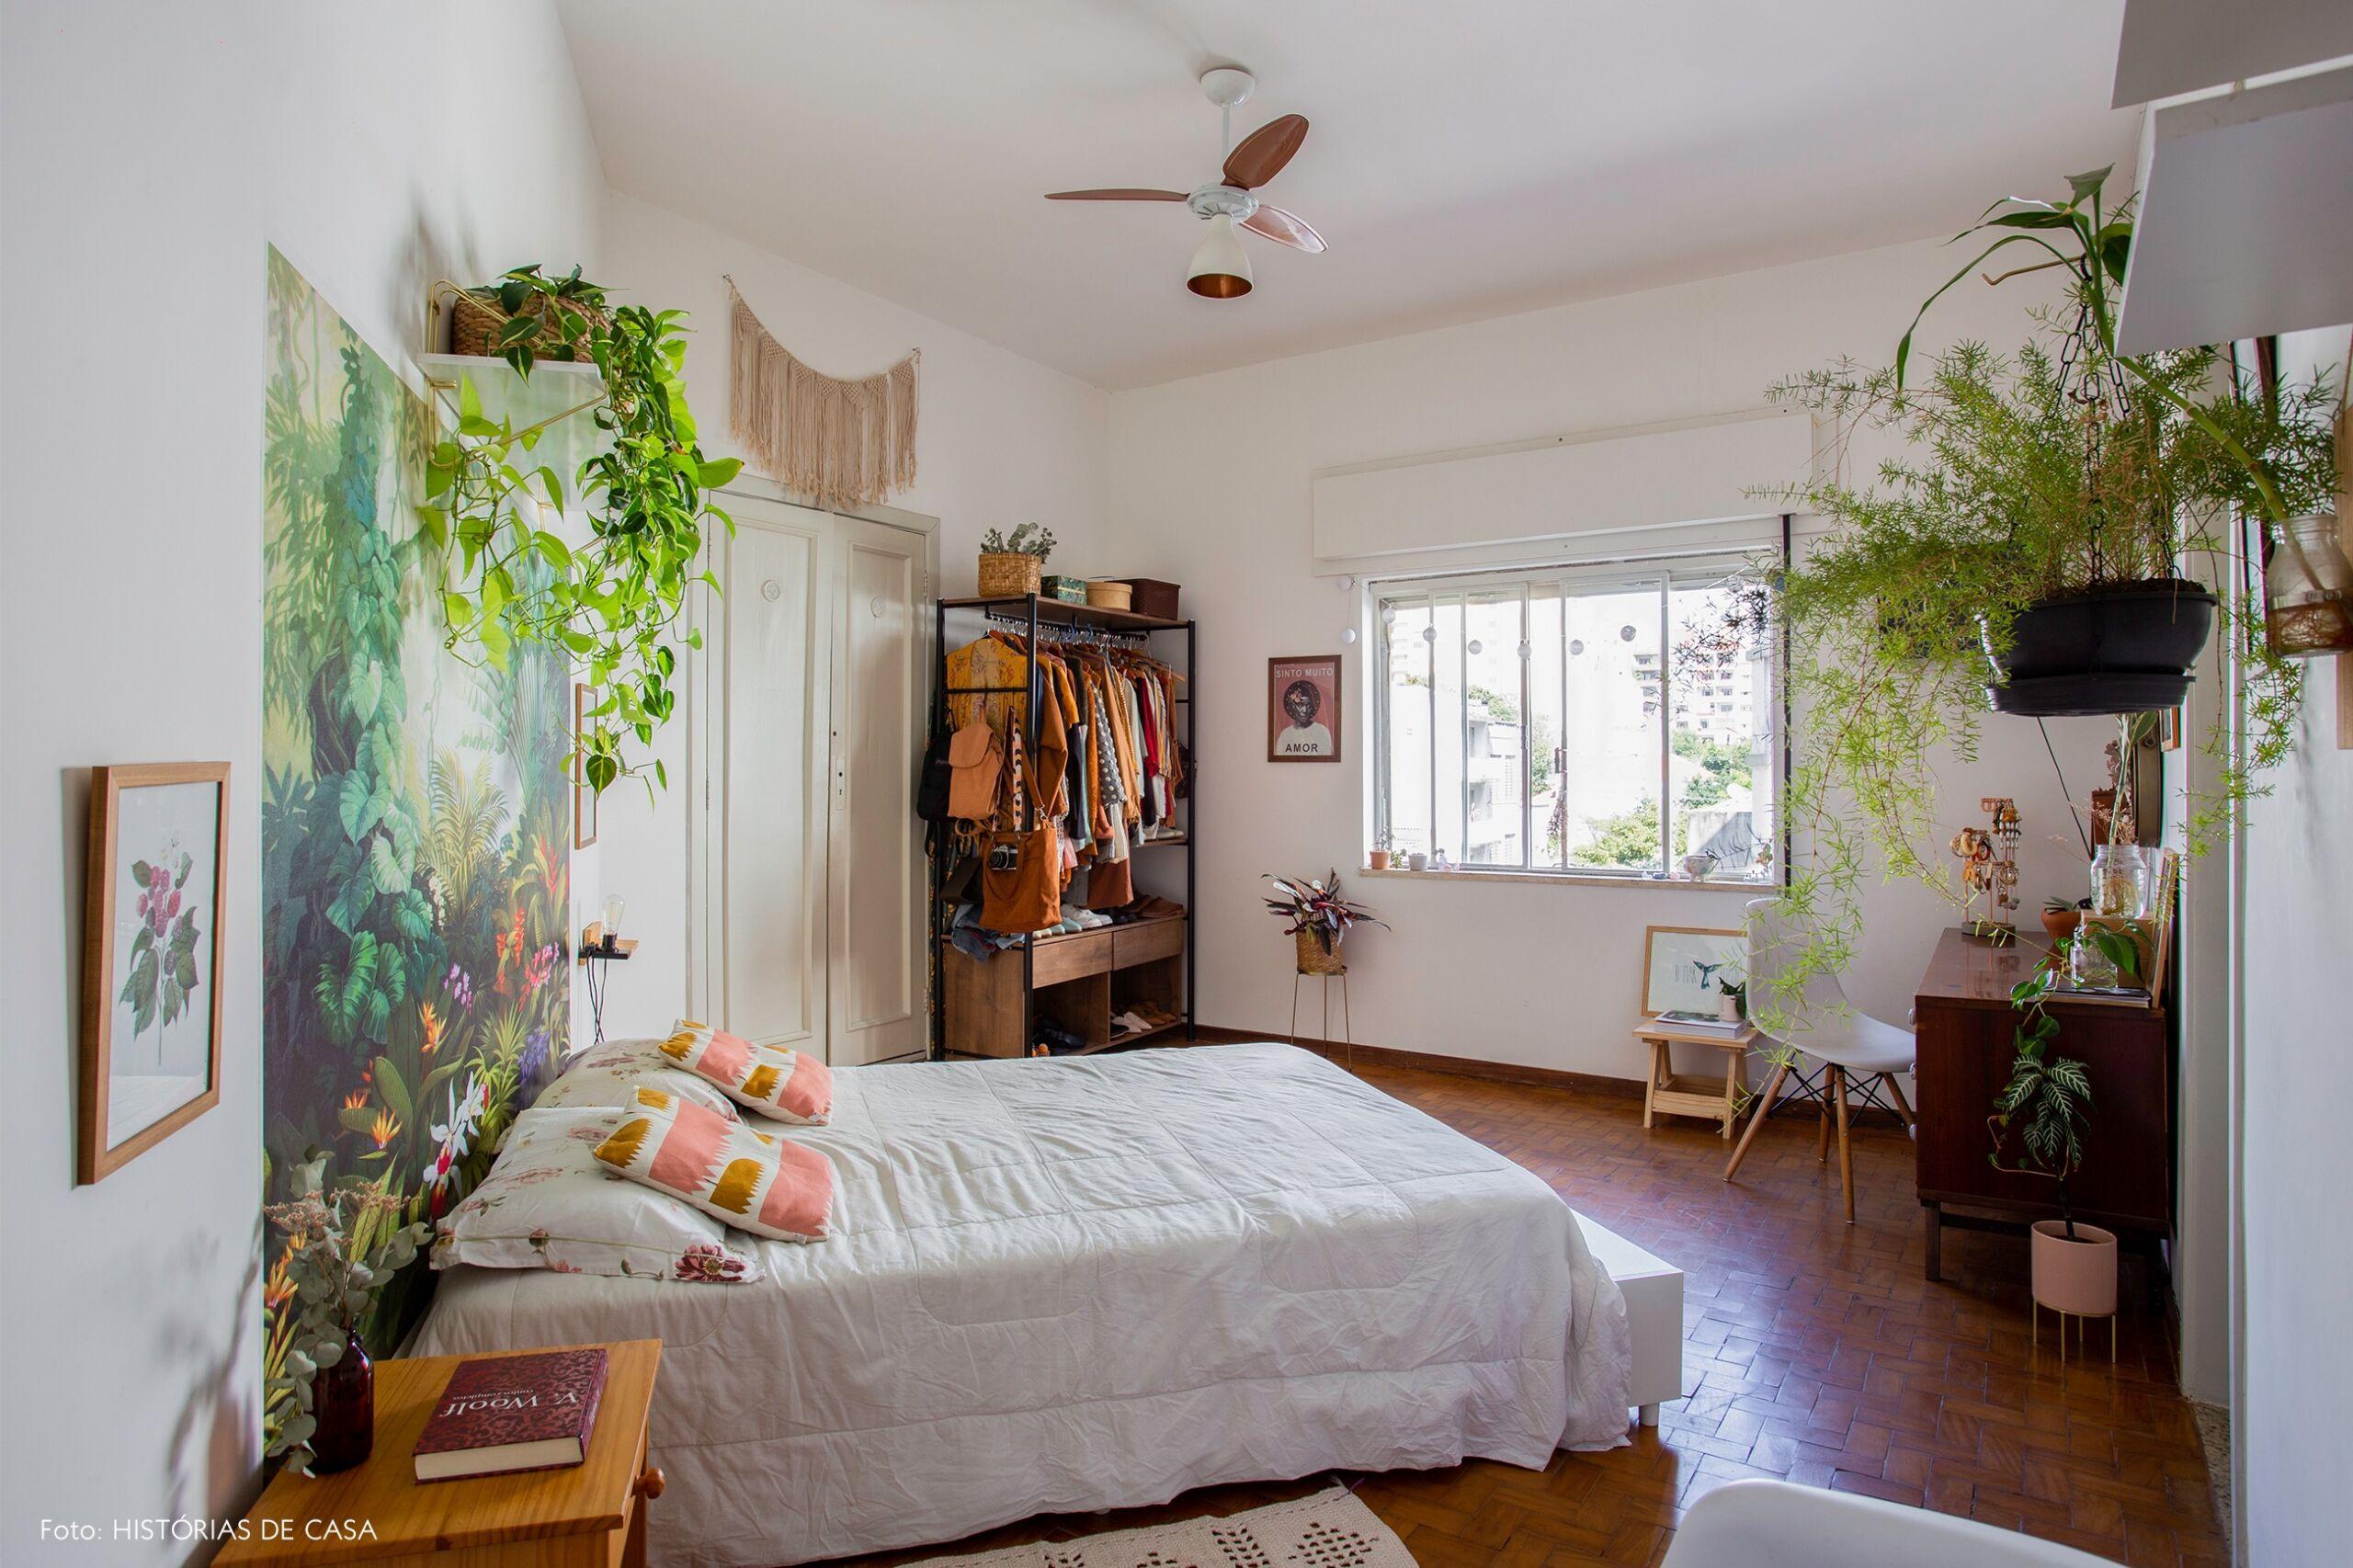 decoração quarto amplo cadeira eames papel de parede floral